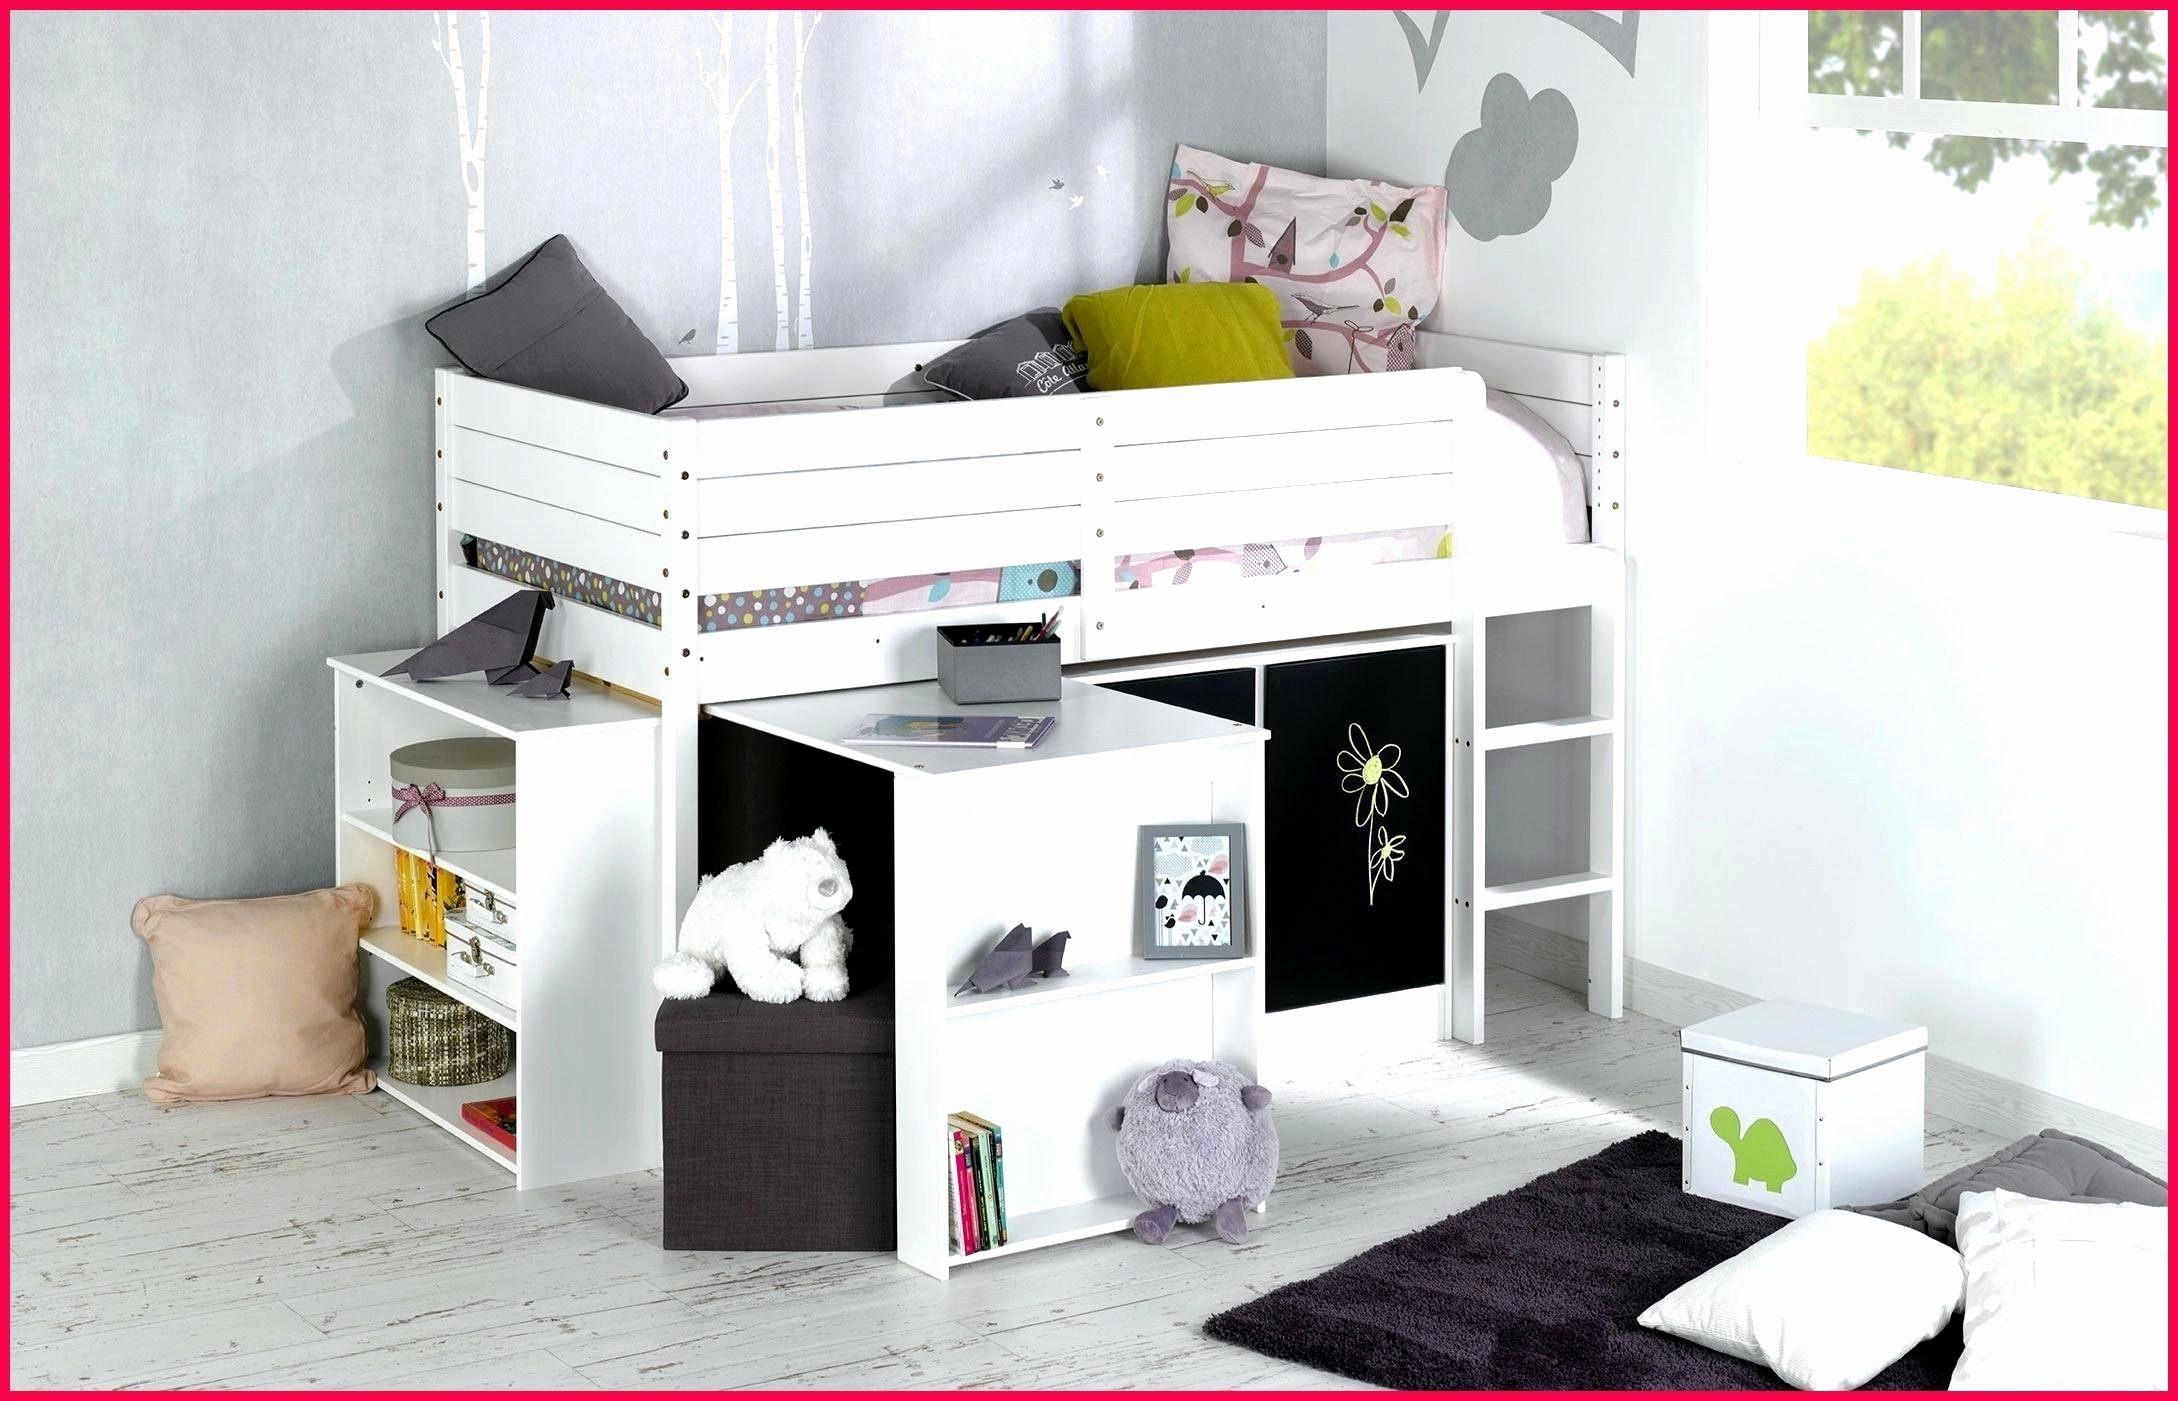 Lit Mezzanine 1 Place Inspiré Lit Mezzanine 1 Place Blanc Unique Lit Mezzanine 3 Places Ikea